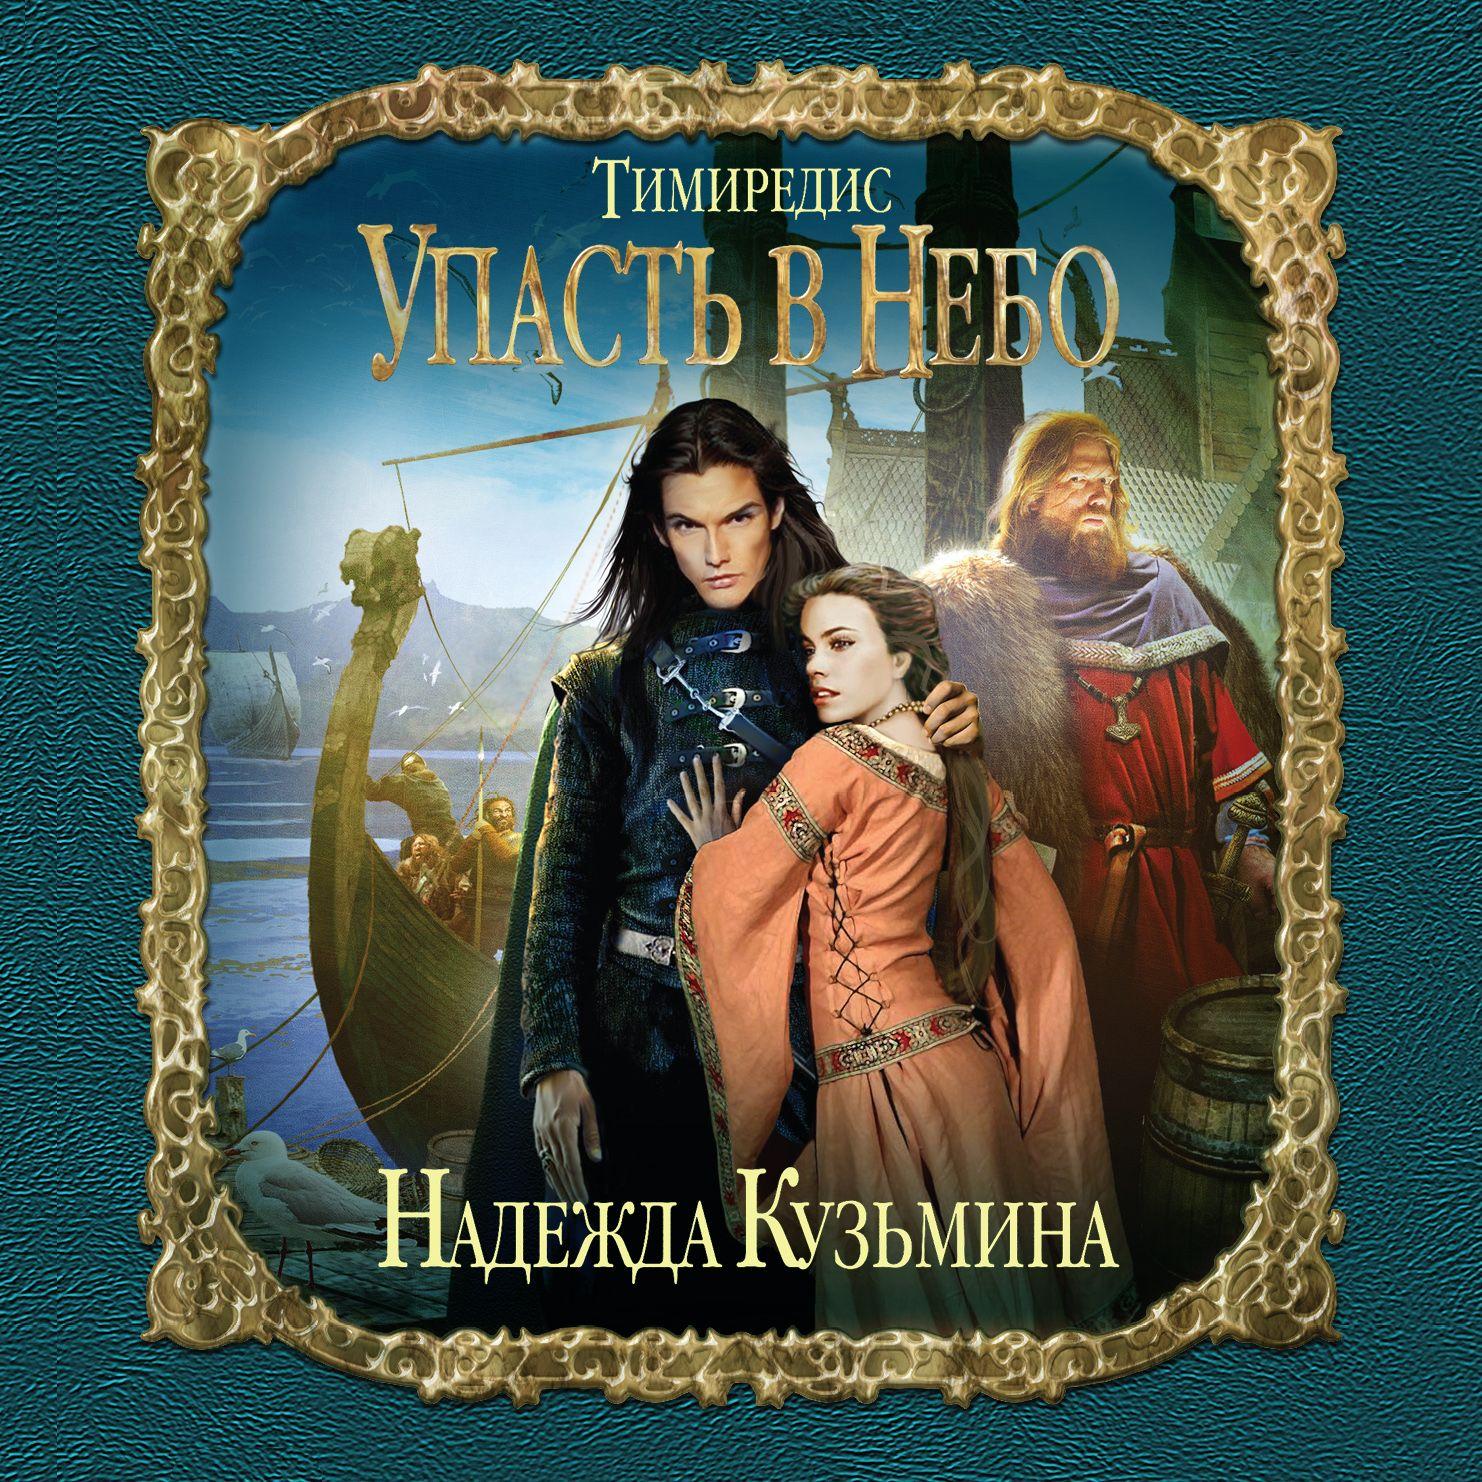 Купить книгу Упасть в небо, автора Надежды Кузьминой